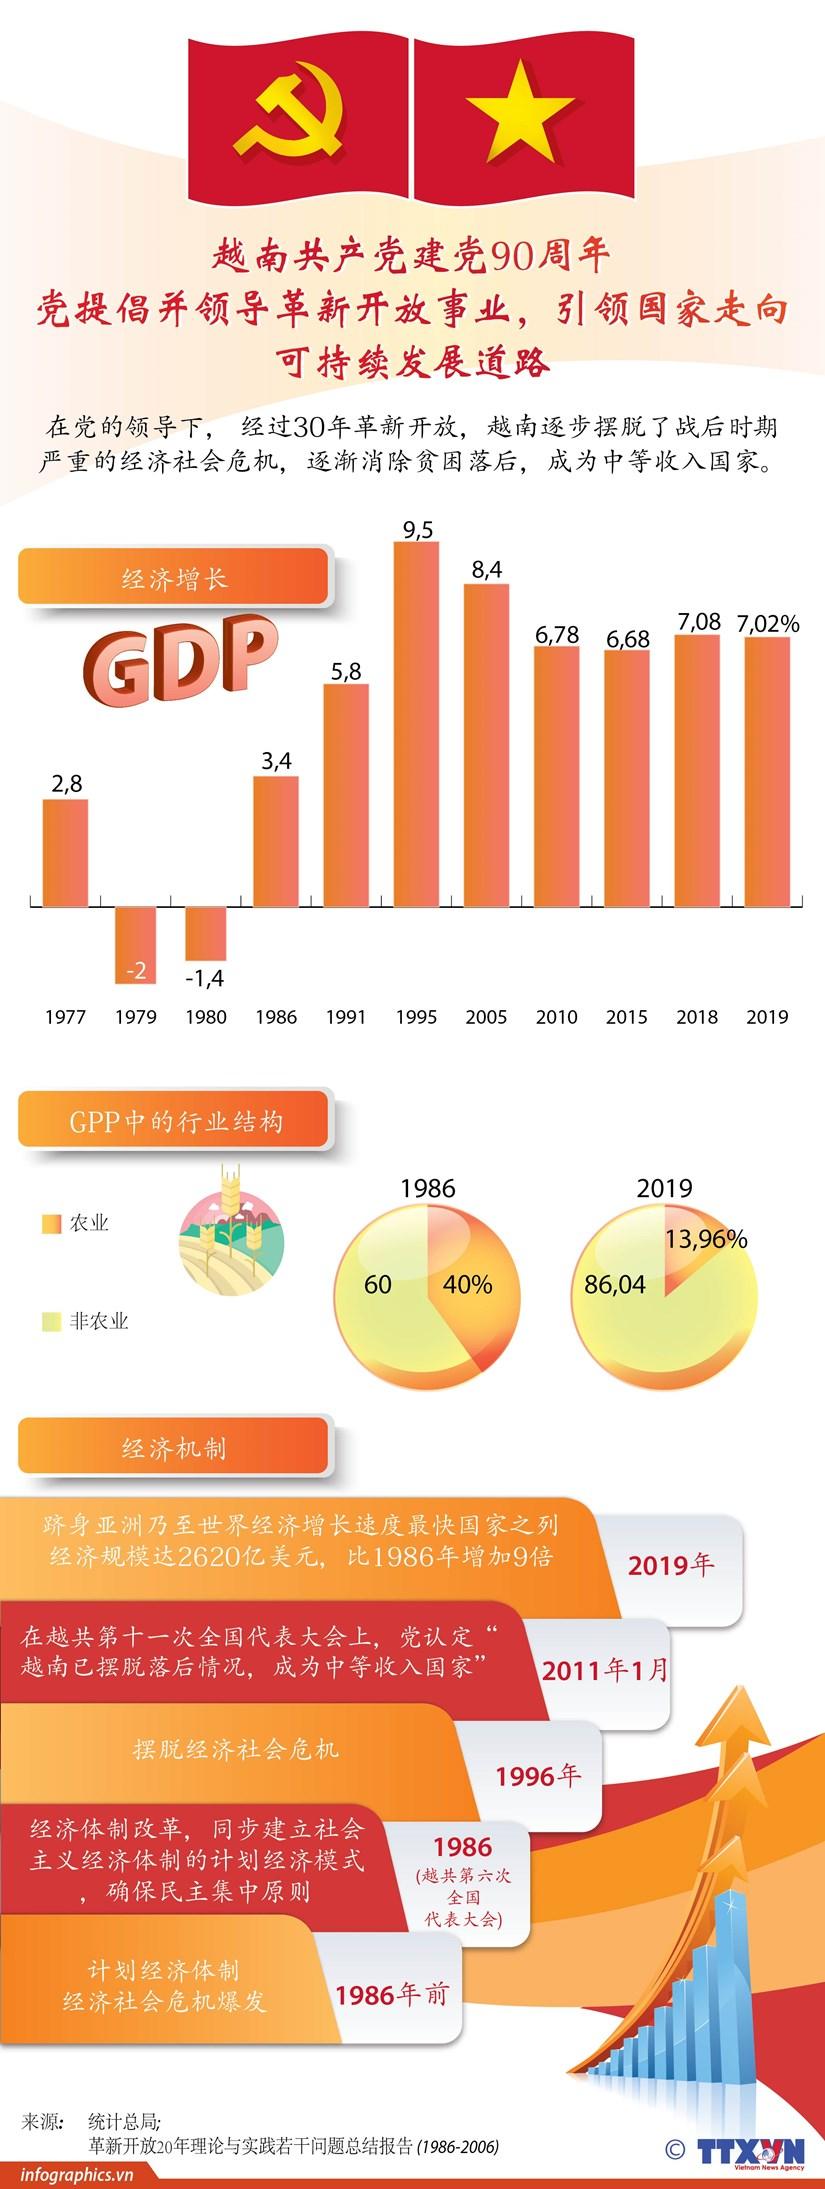 图表新闻:越南共产党建党90周年:党提倡并领导革新开放事业,引领国家走向可持续发展道路 hinh anh 1